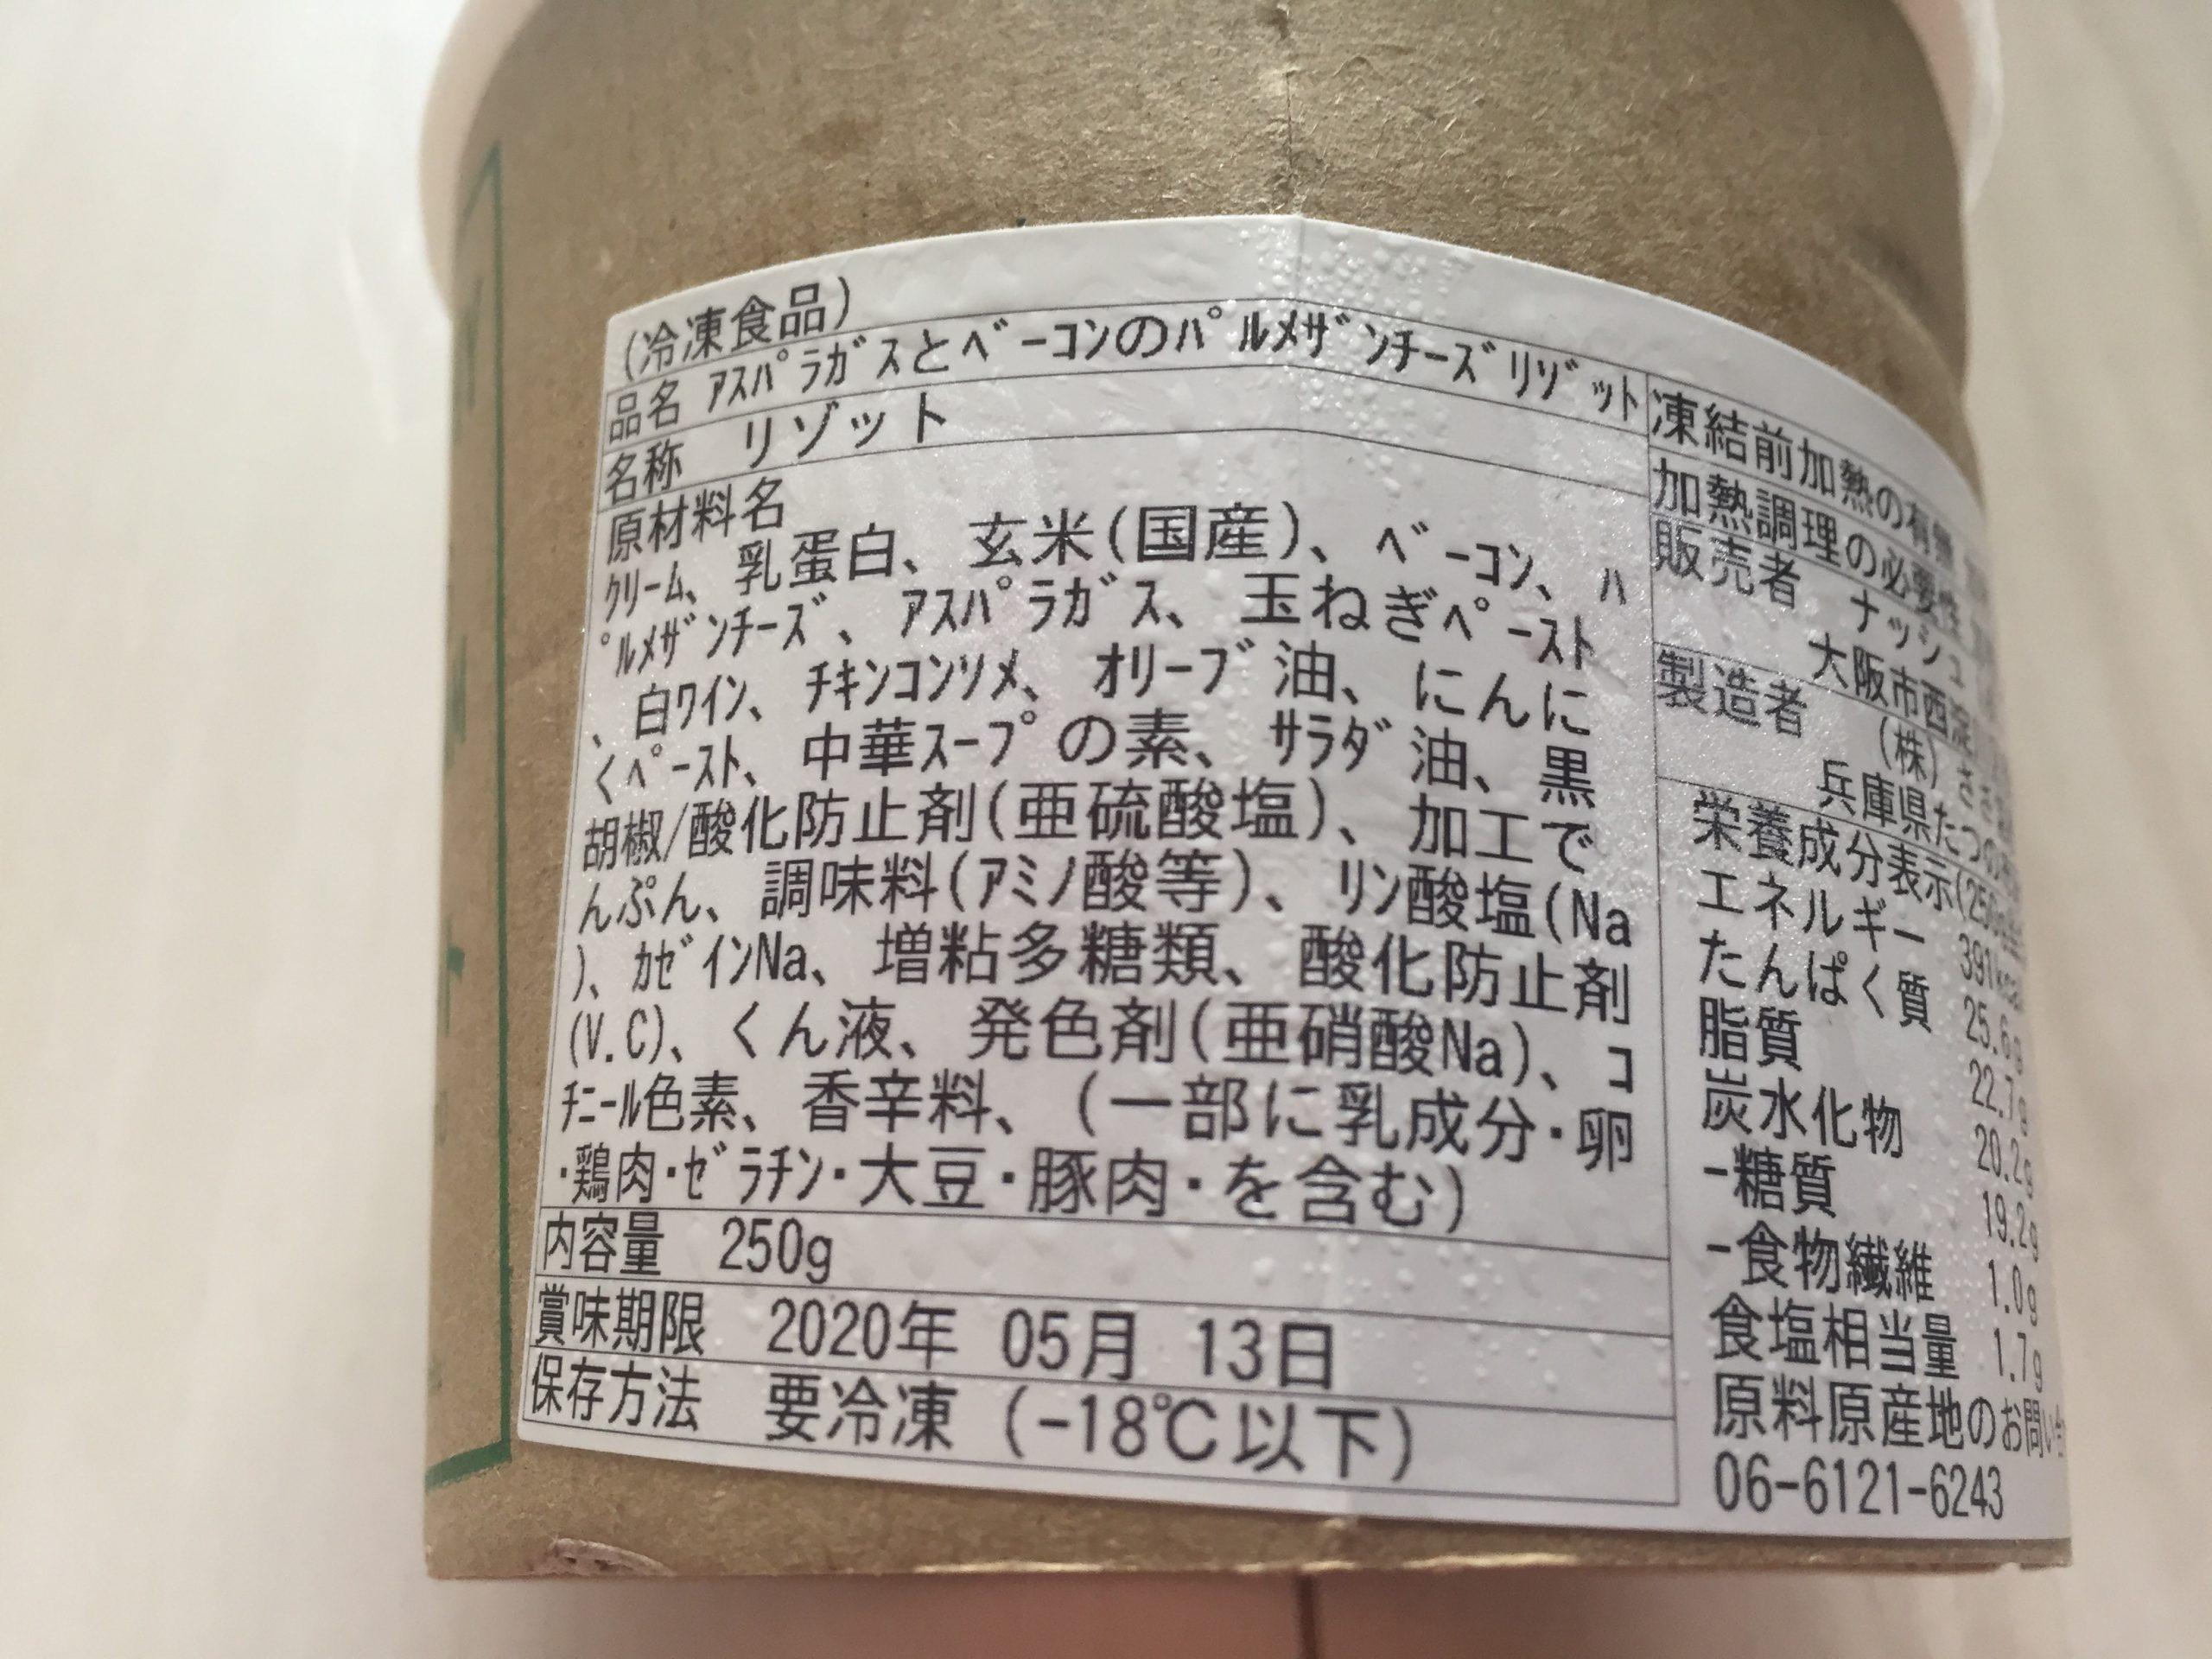 アスパラガスとベーコンのパルメザンチーズリゾットの原材料名など